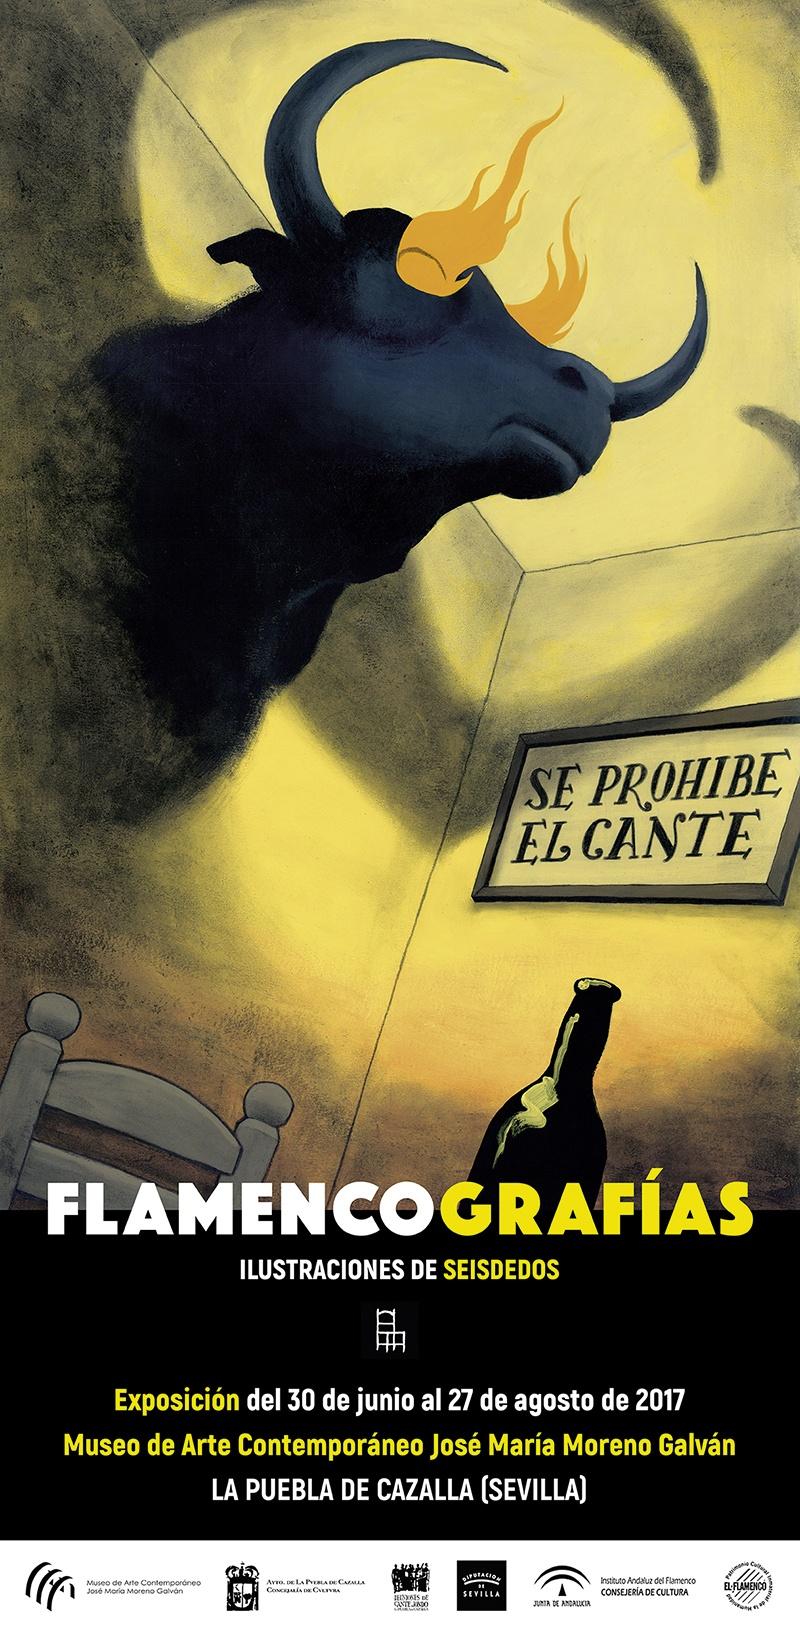 se prohíbe el cante flamencografías